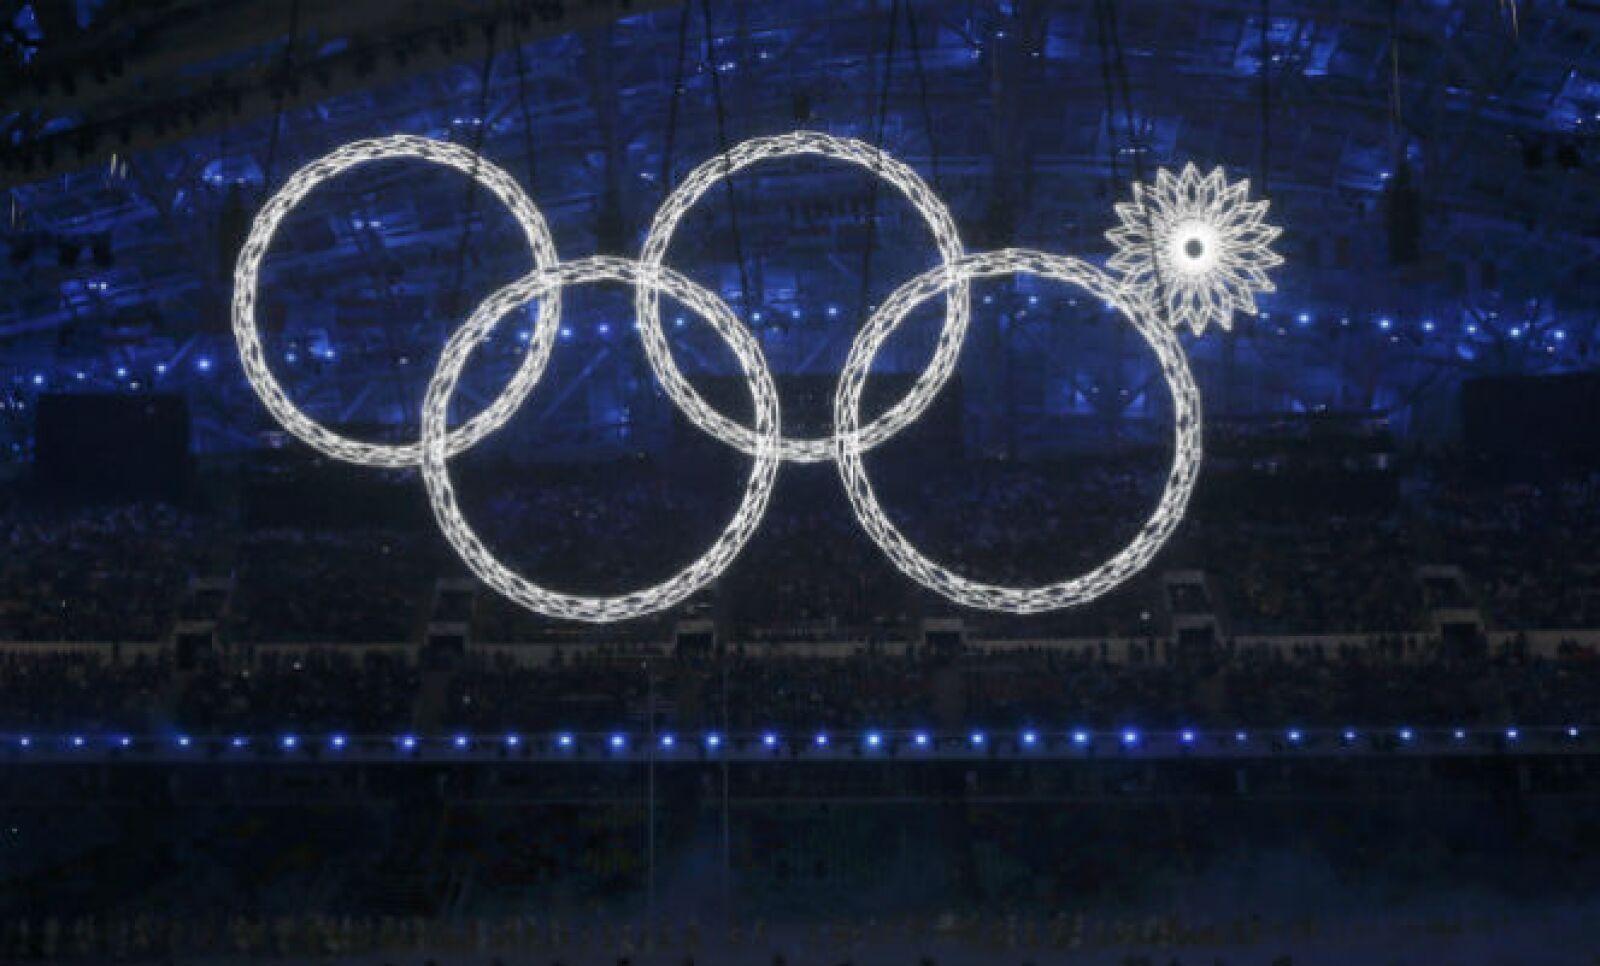 Los aros olímpicos se iluminaron en medio del estadio, aunque uno de ellos no abrió por completo.